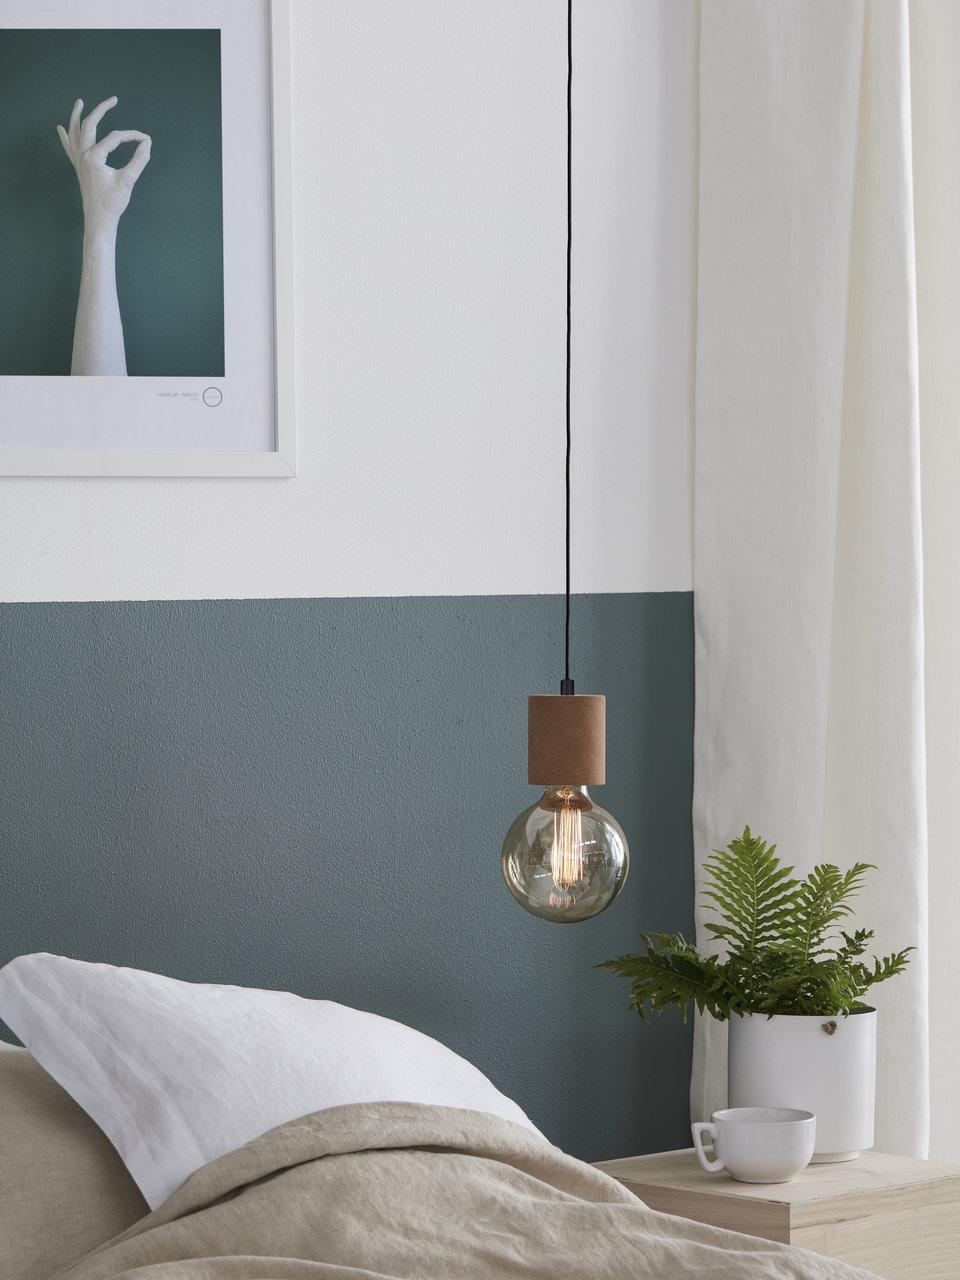 lampy wiszące małe łózko